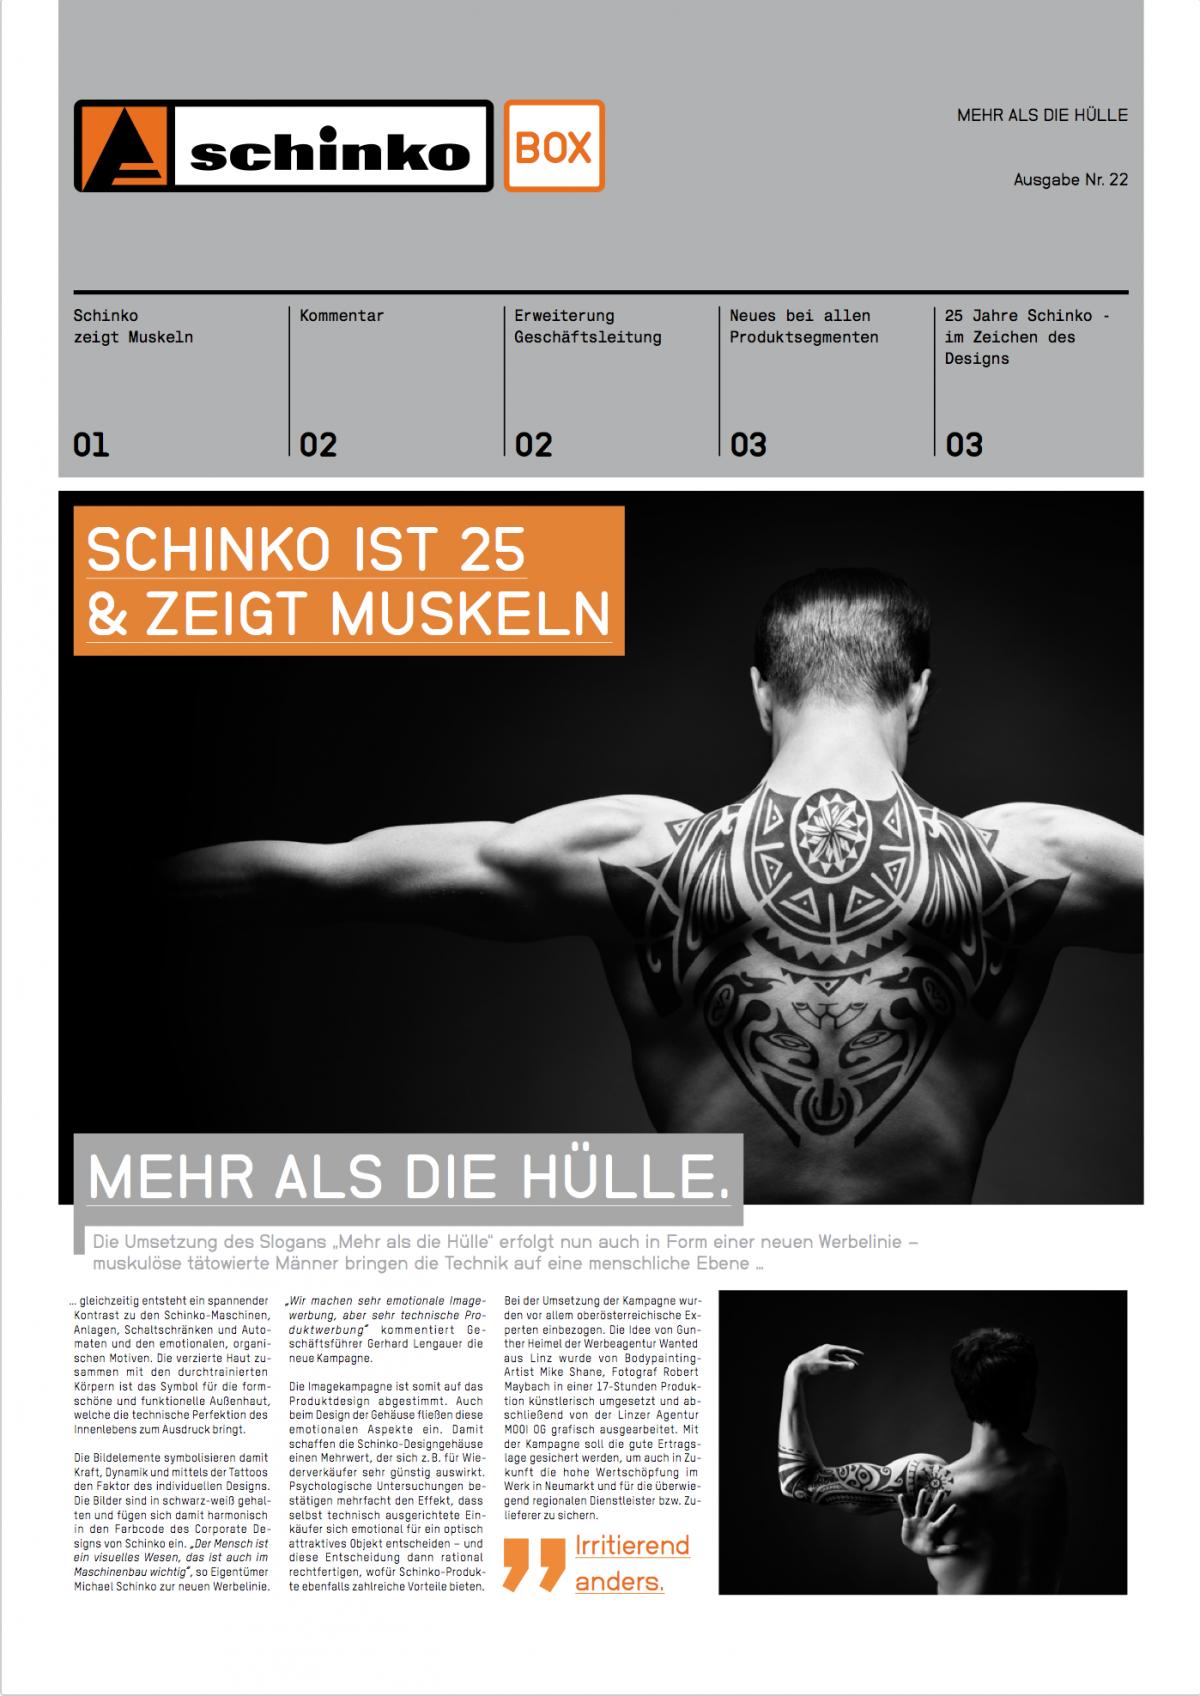 Schinko Box 22 Schinko ist 25 Jahre & zeigt Muskeln - Titelseite der Ausgabe Nr. 22 der Kundezeitung Schinko Box.